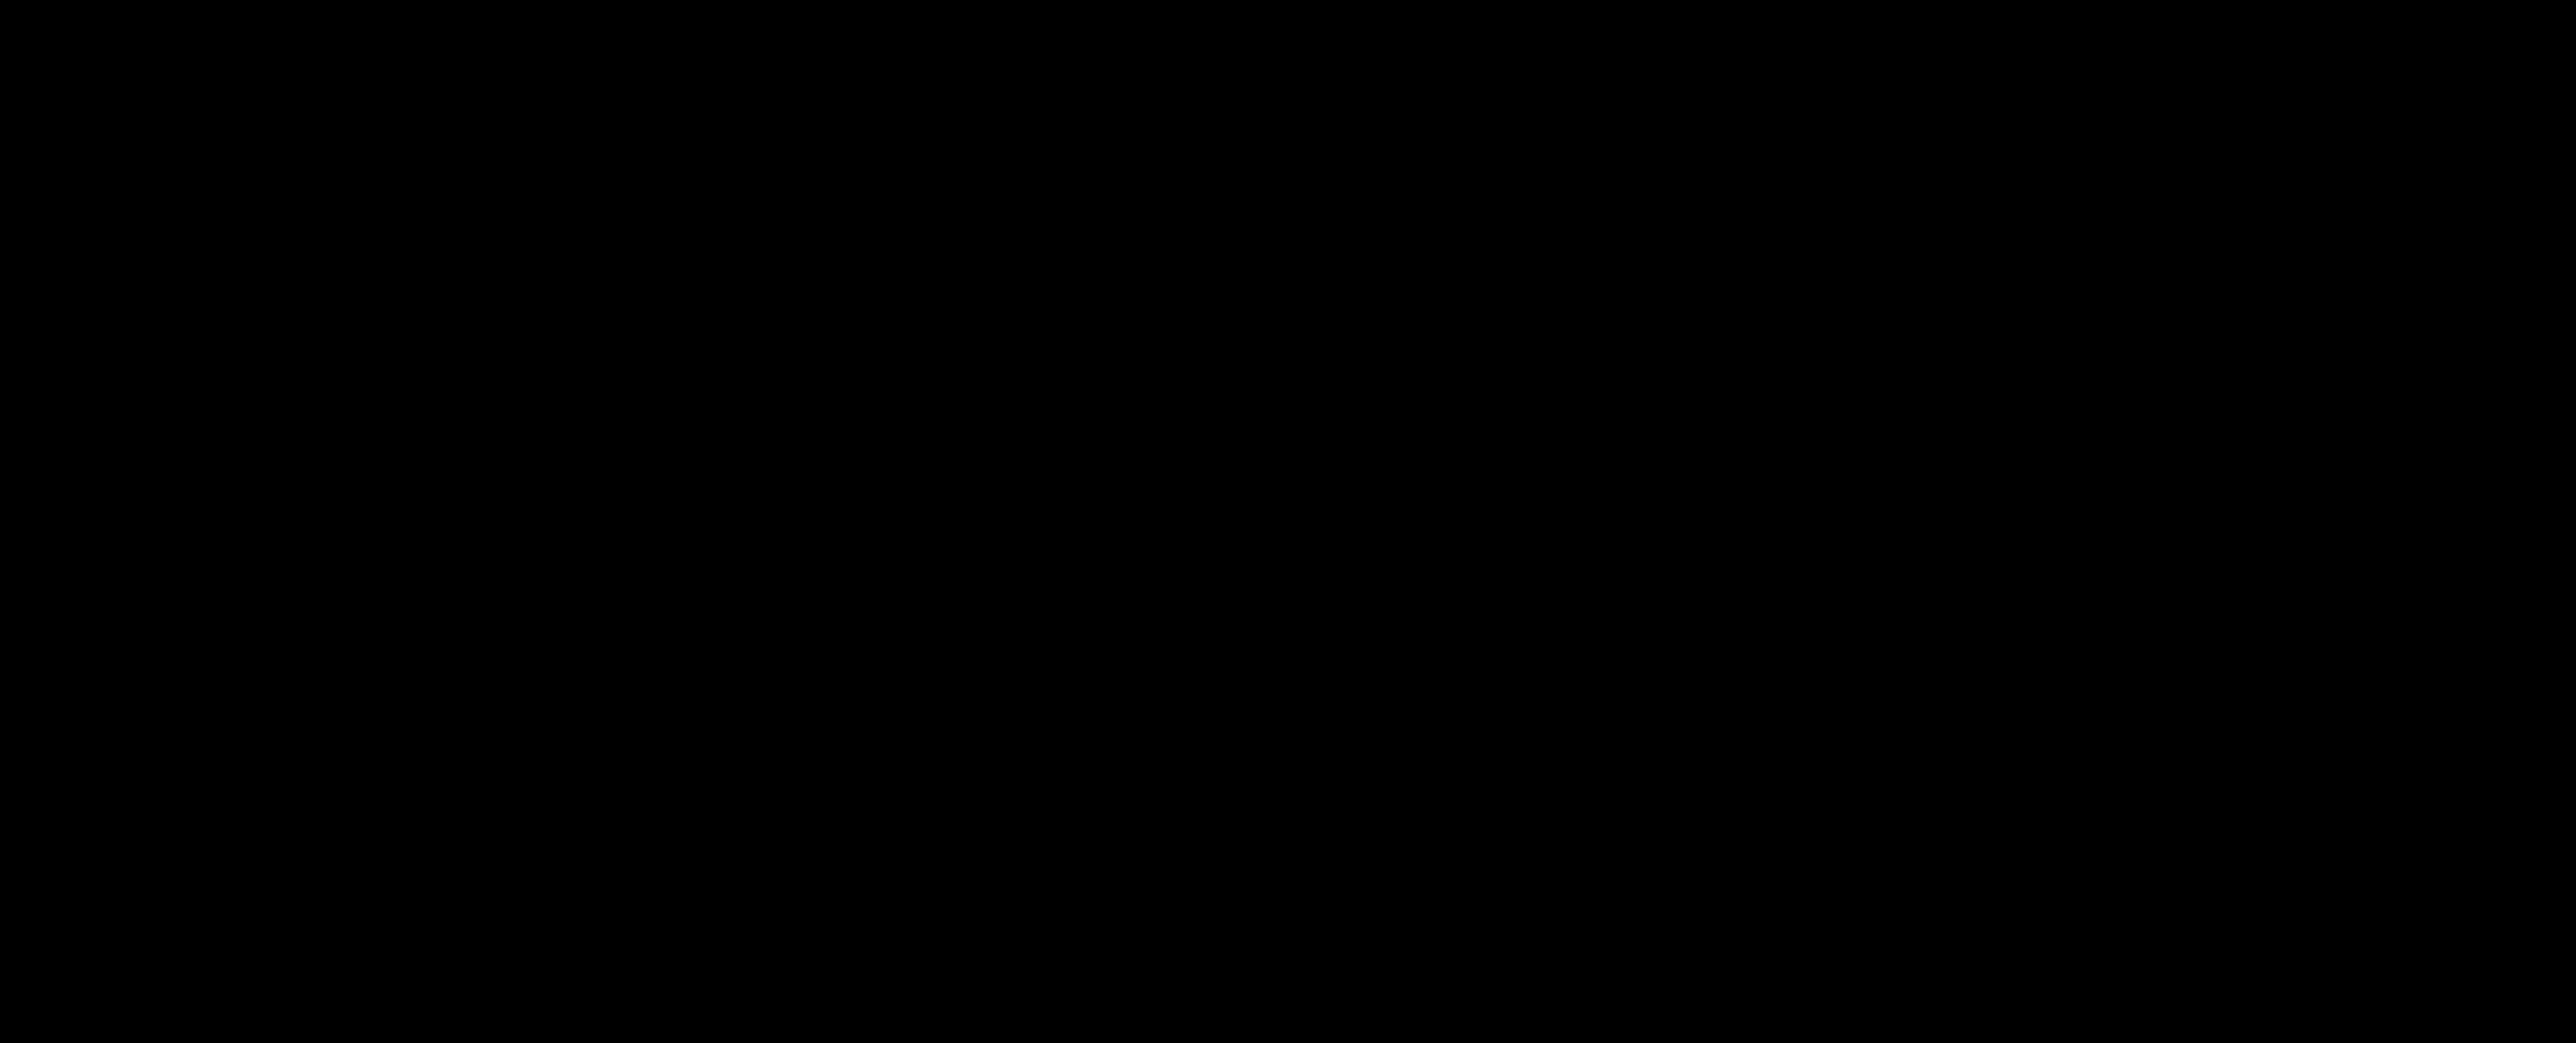 Vuxenkaos